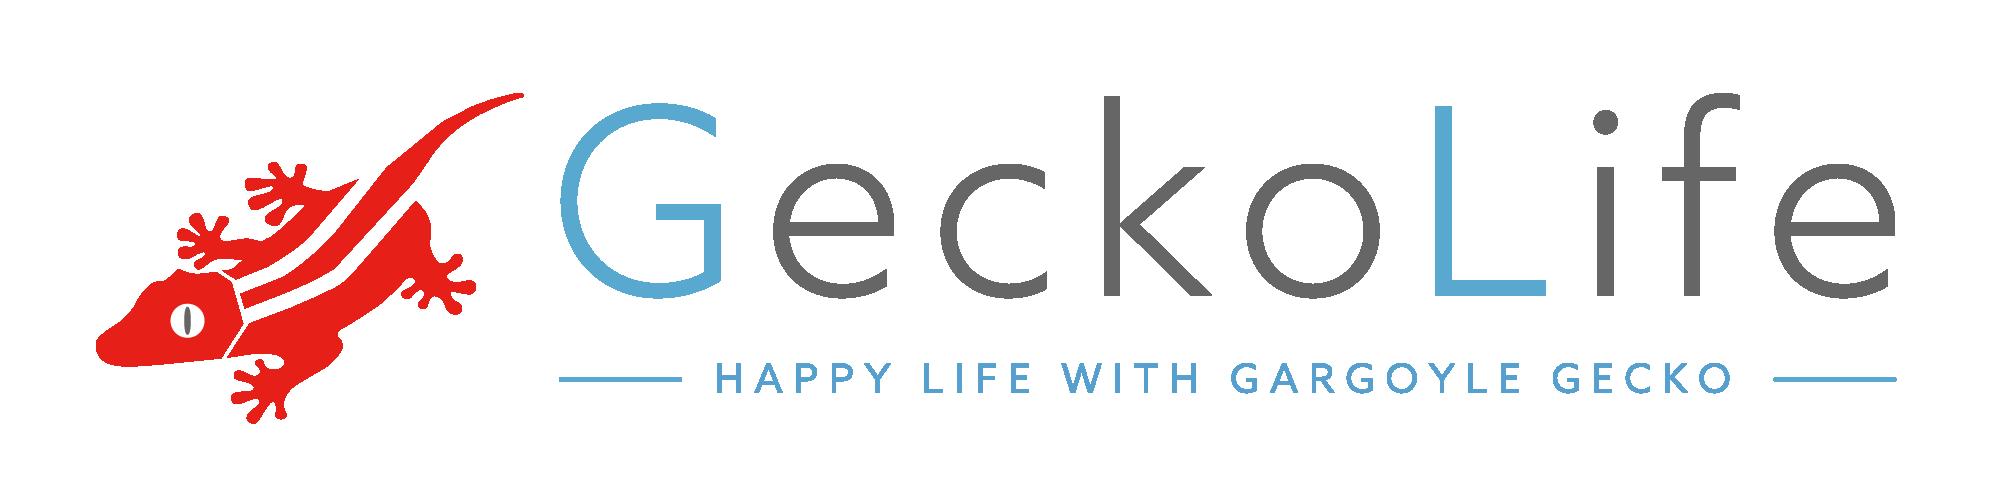 Gecko Life